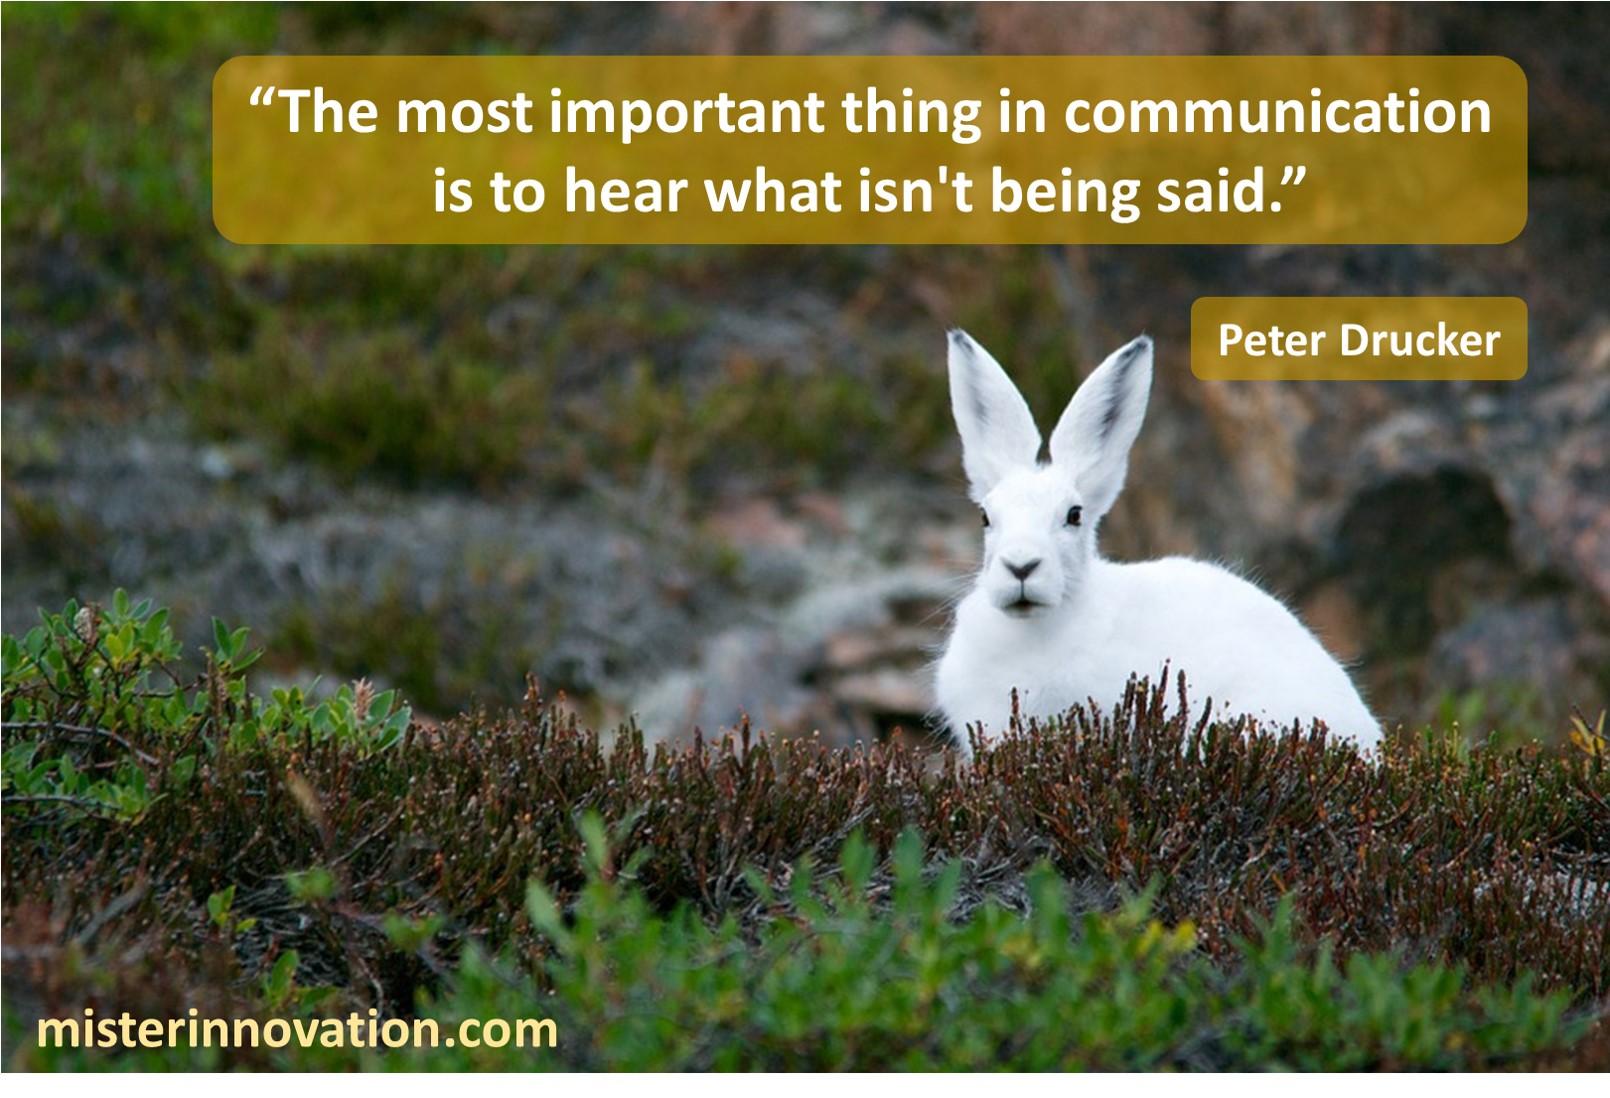 Peter Drucker Communication